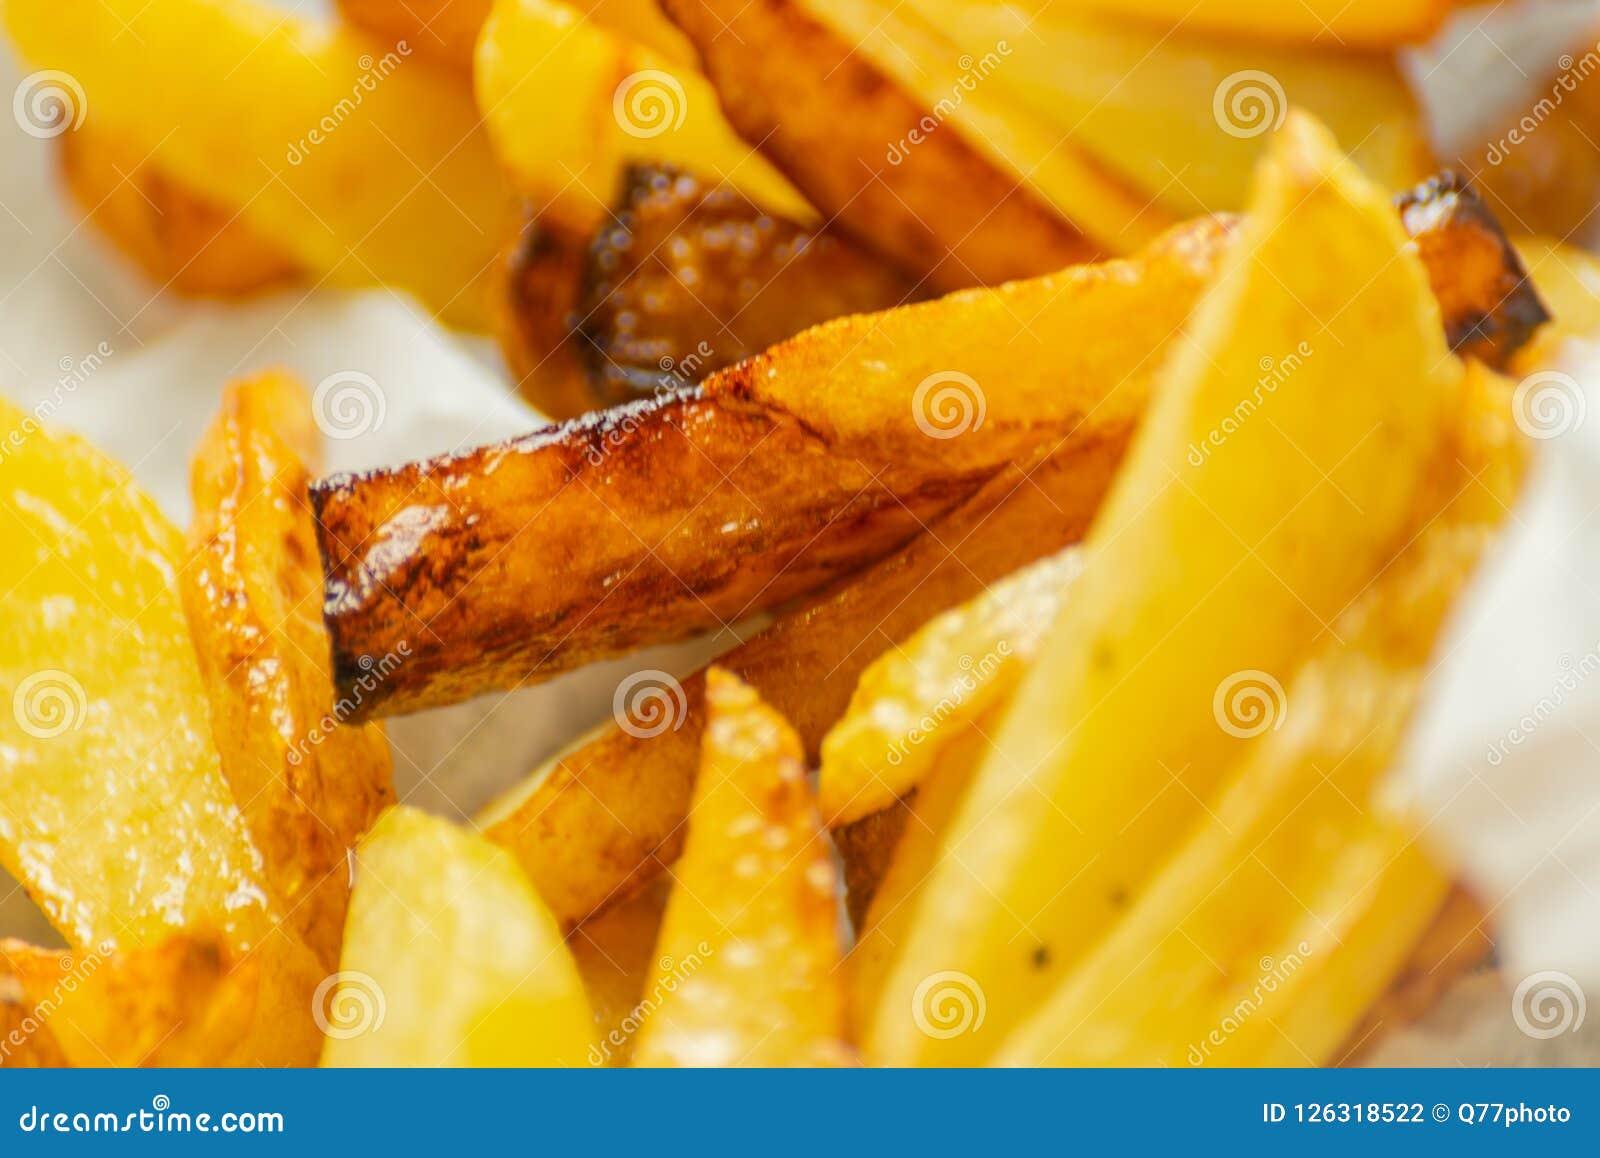 De close-up van gouden gebraden gerechten trof van verse vettige aardappels voorbereidingen, maar